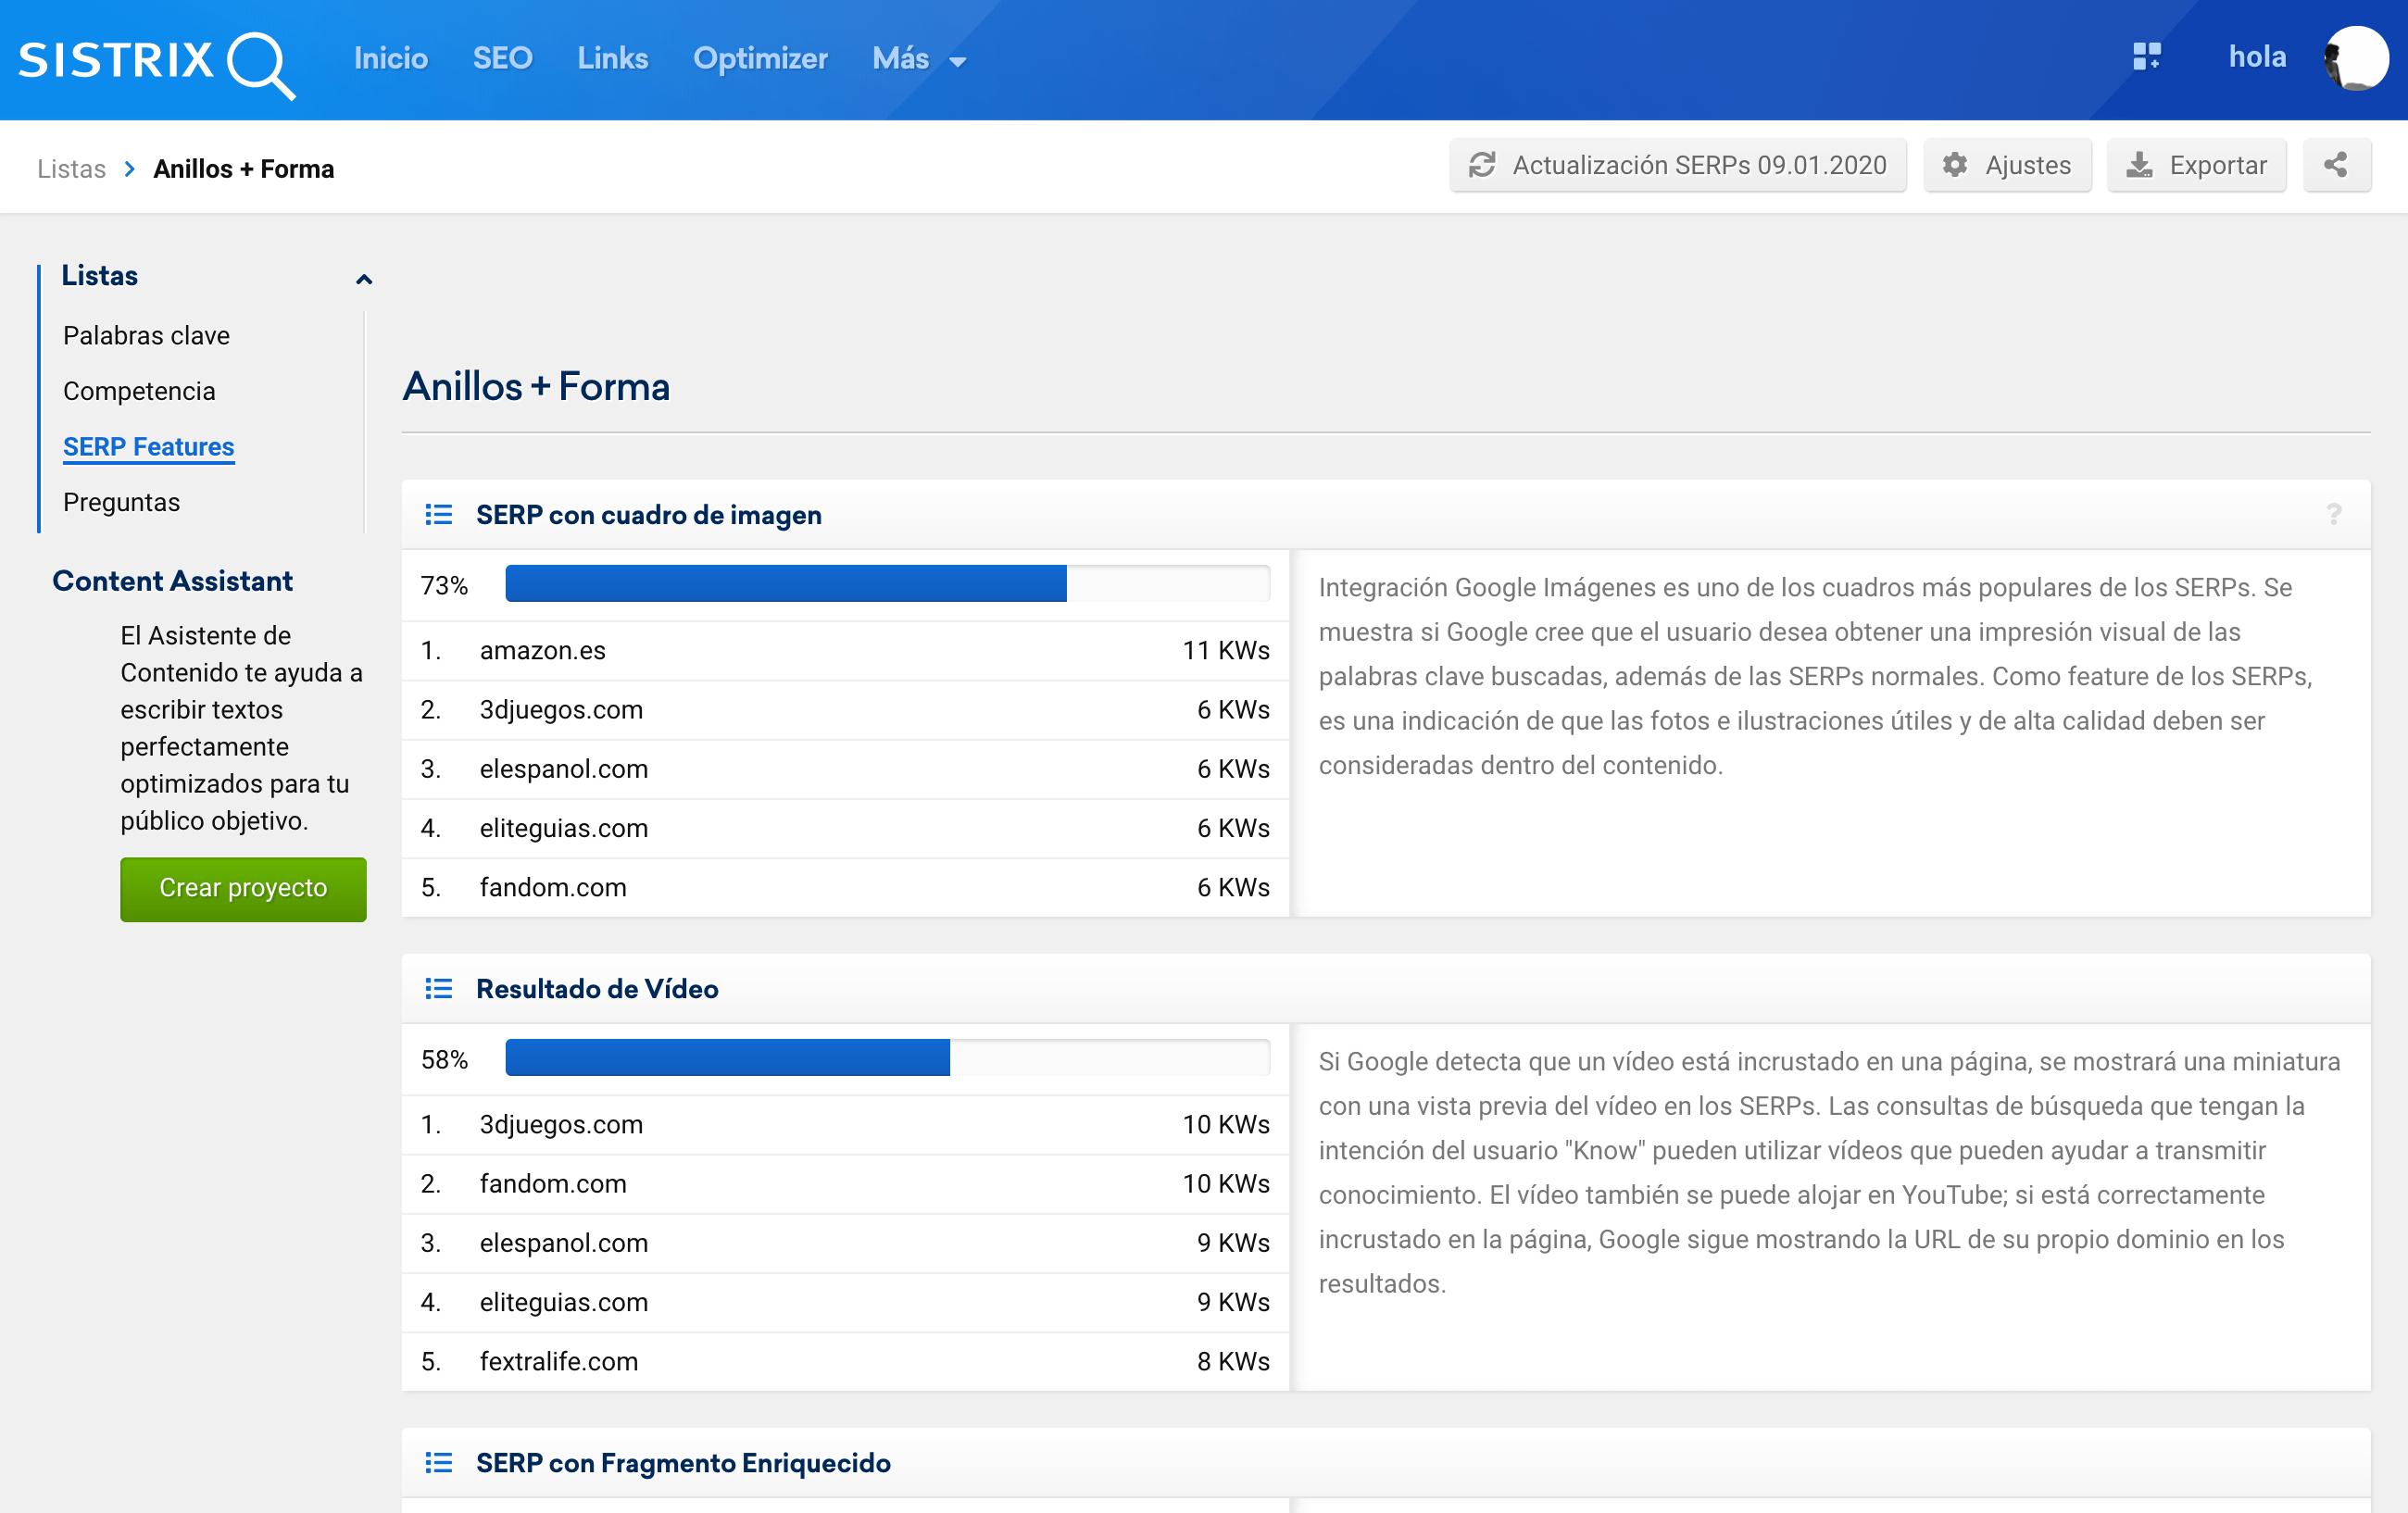 Lista de características de SERPs que tienen las keywords analizadas